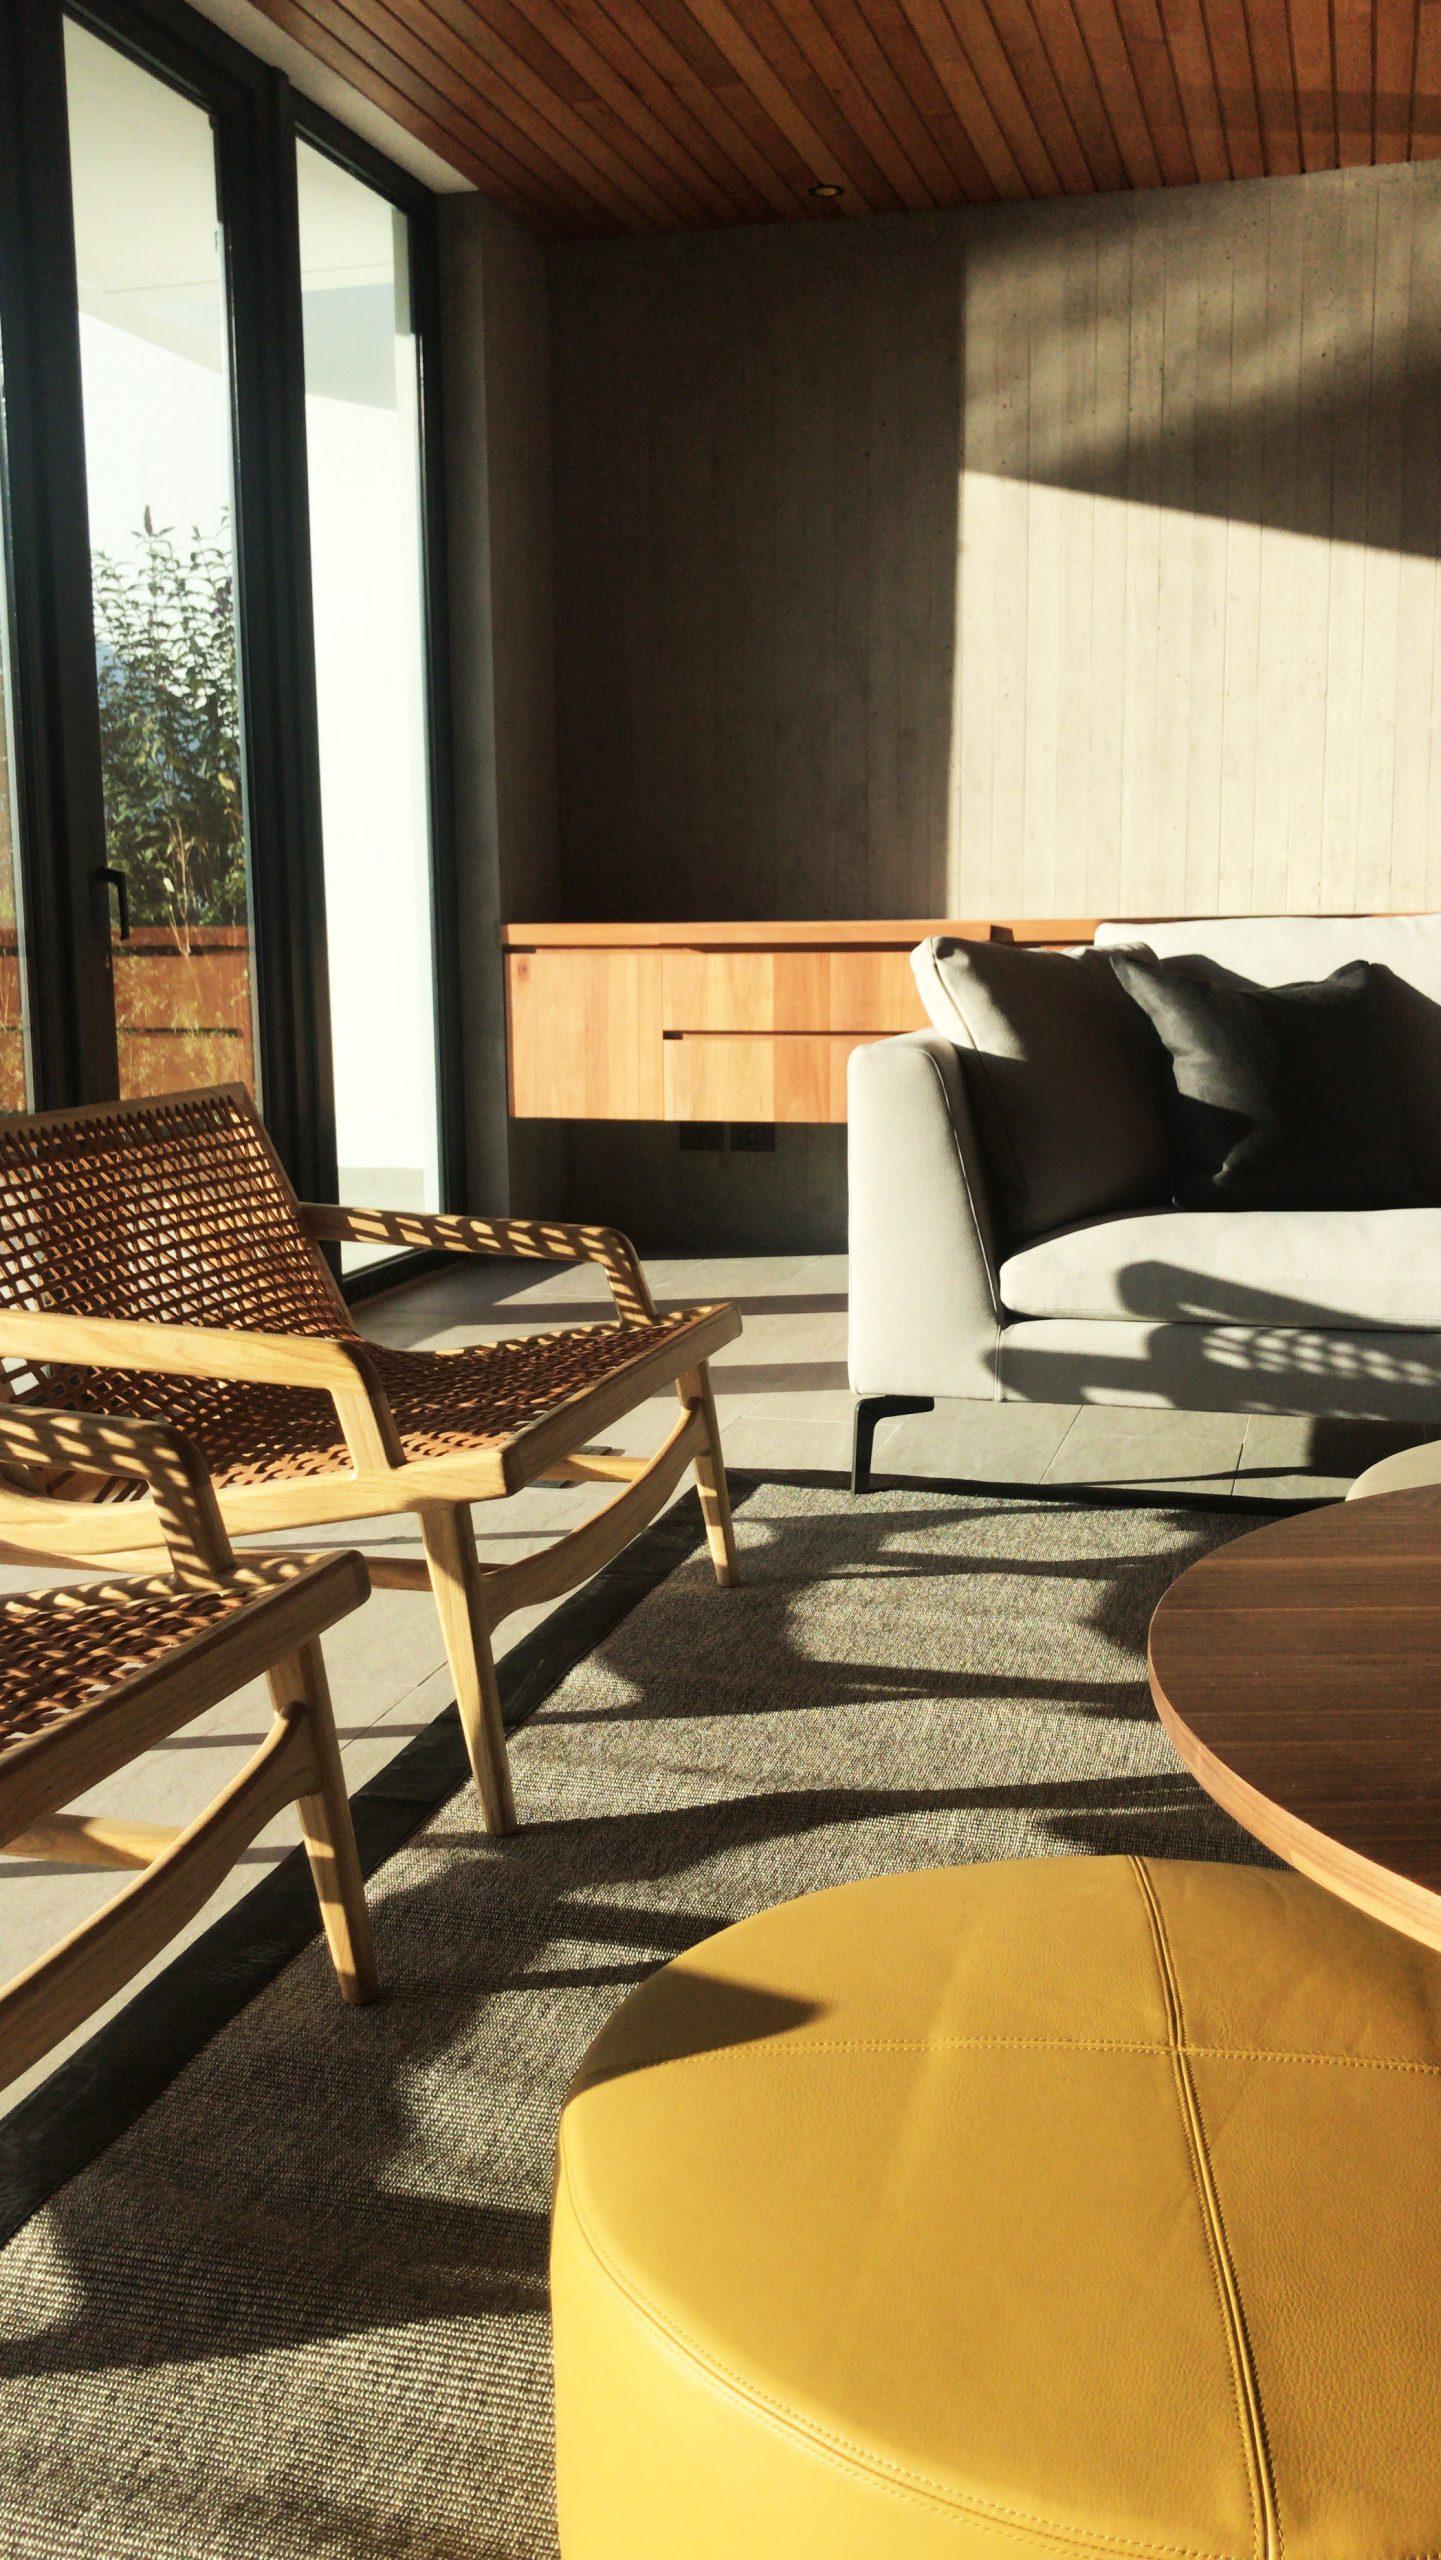 Decoración de Interior - Proyecto Marbella - Espacio Gracia